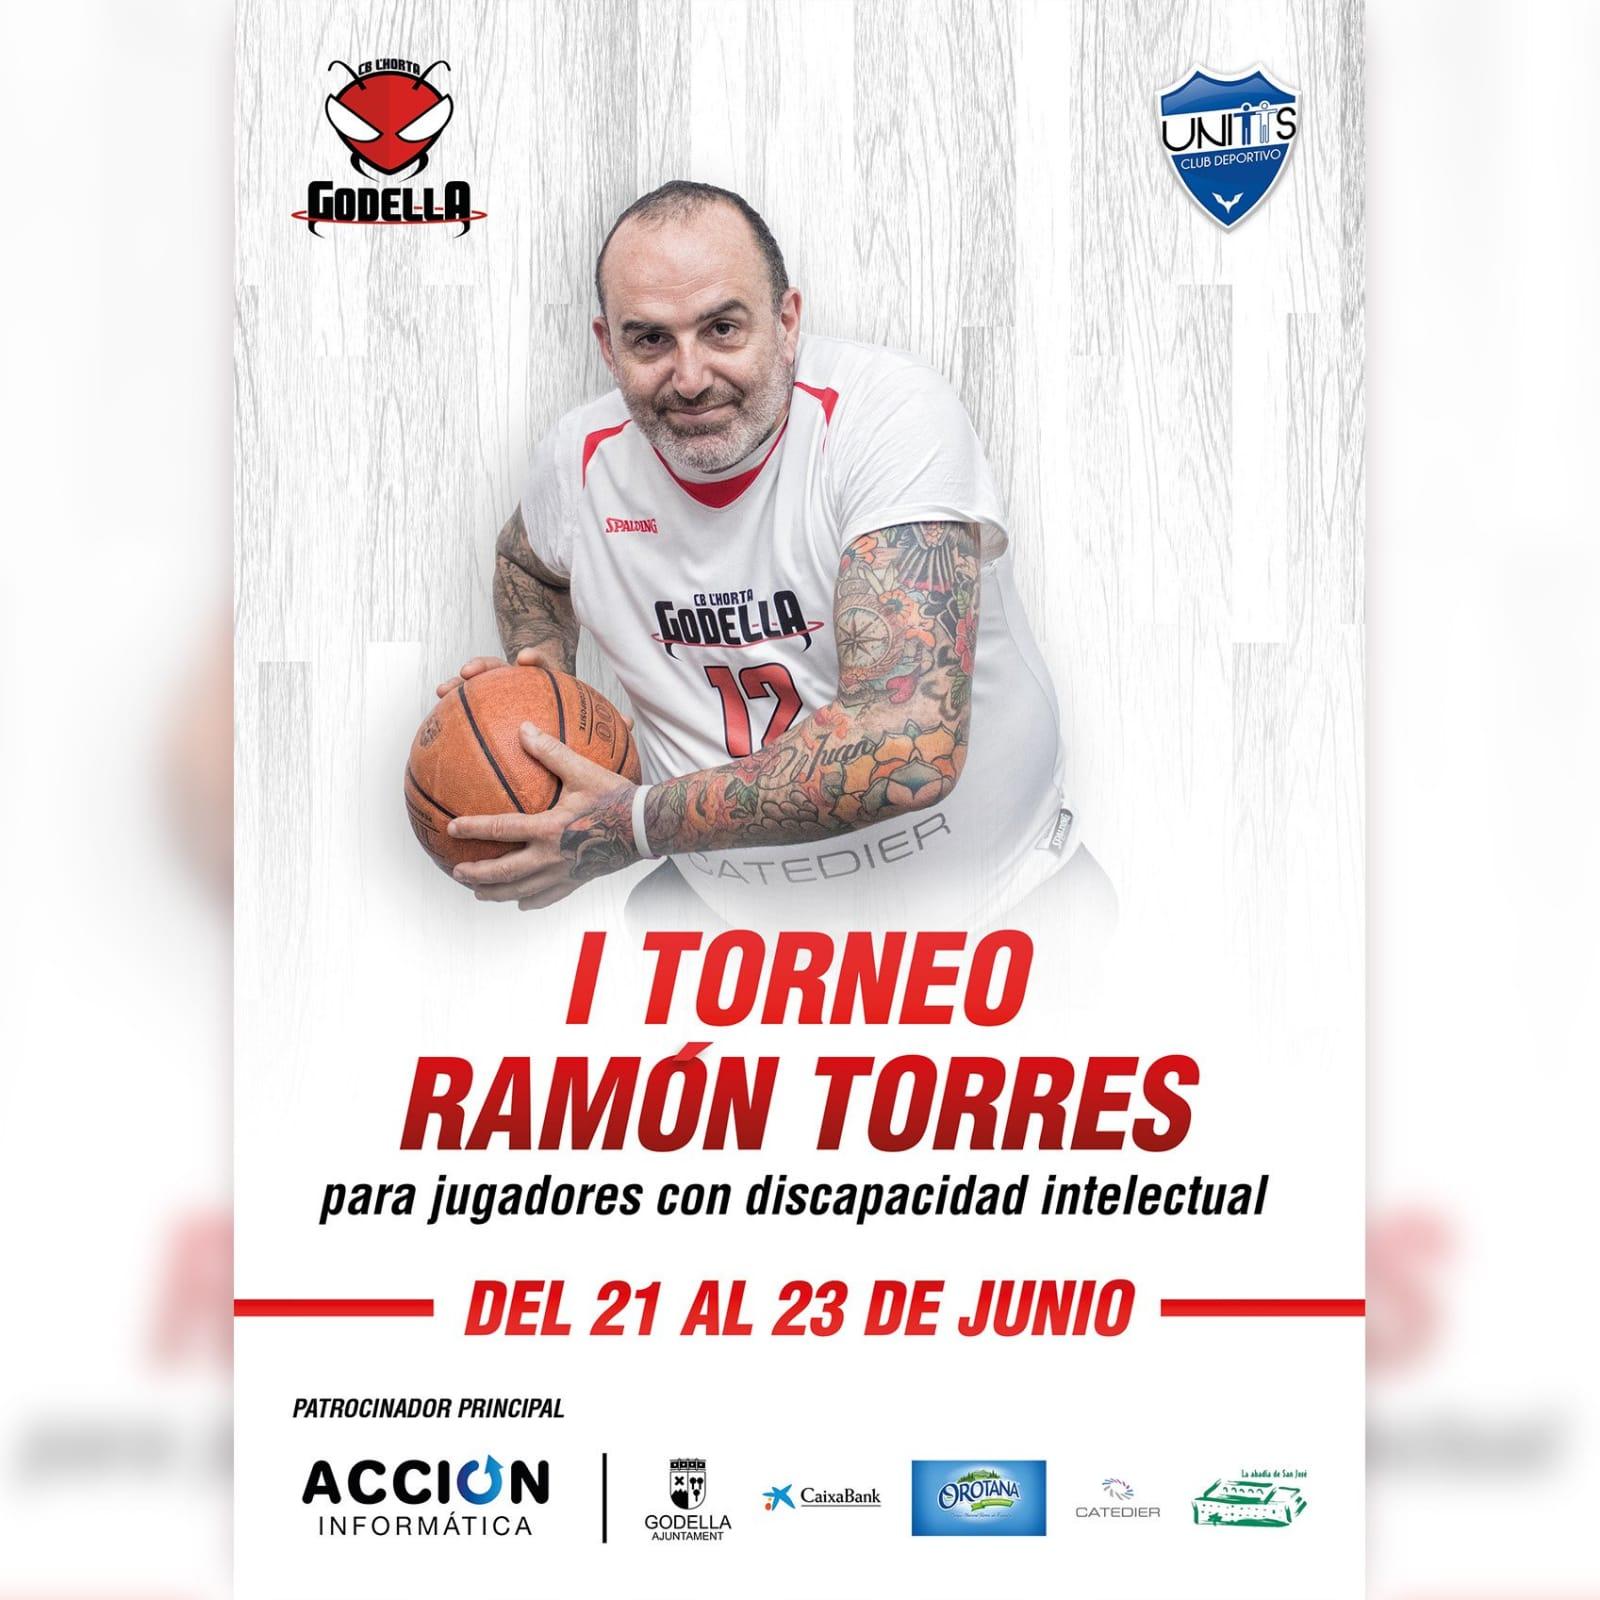 Acción Informática patrocina el I Torneo Ramón Torres, un campeonato de baloncesto para jugadores con discapacidad intelectual